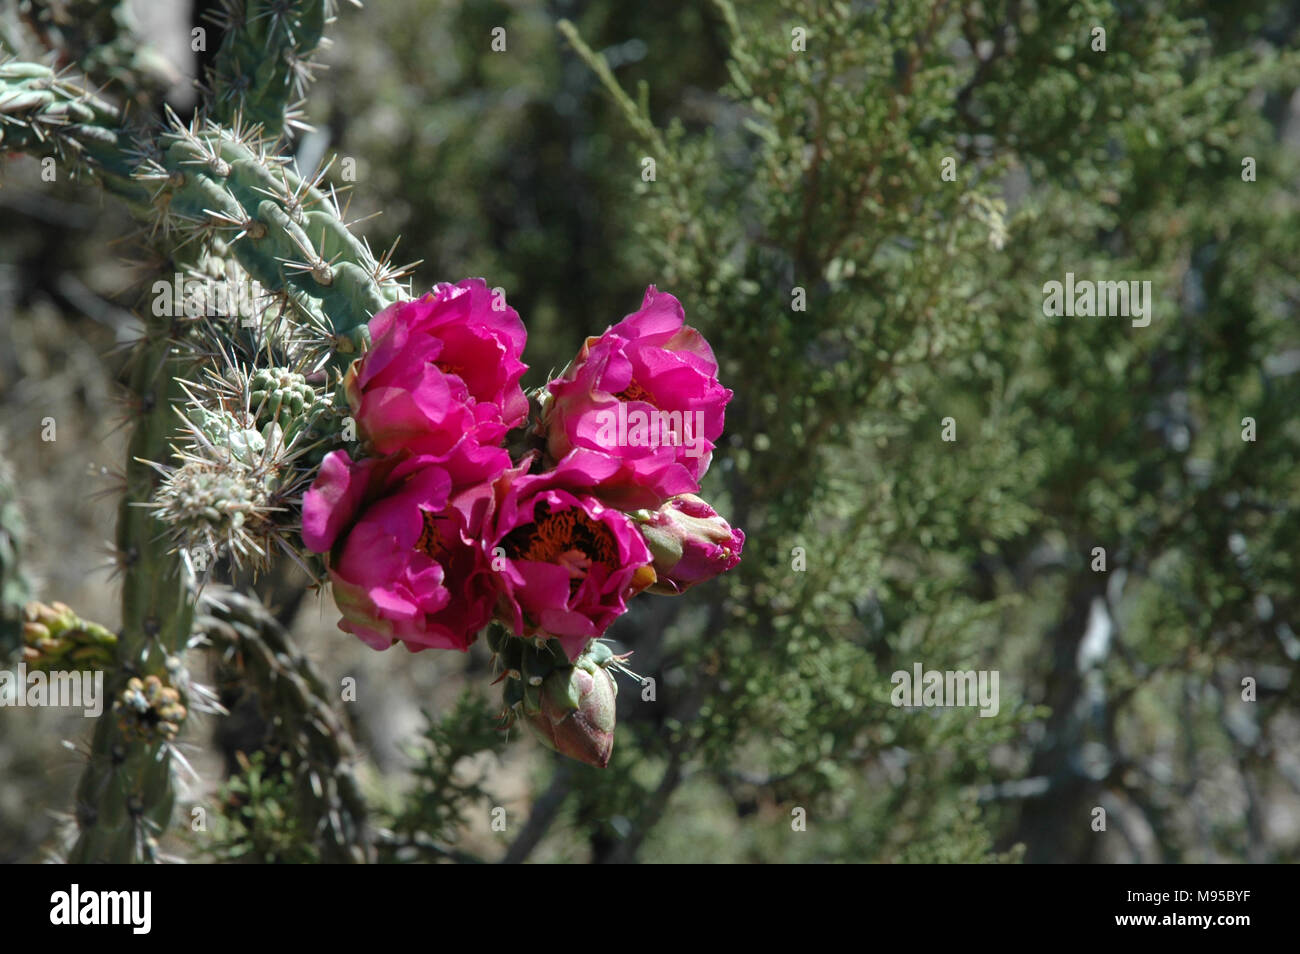 Skinny Cactus Pink Flowers Stock Photos Skinny Cactus Pink Flowers